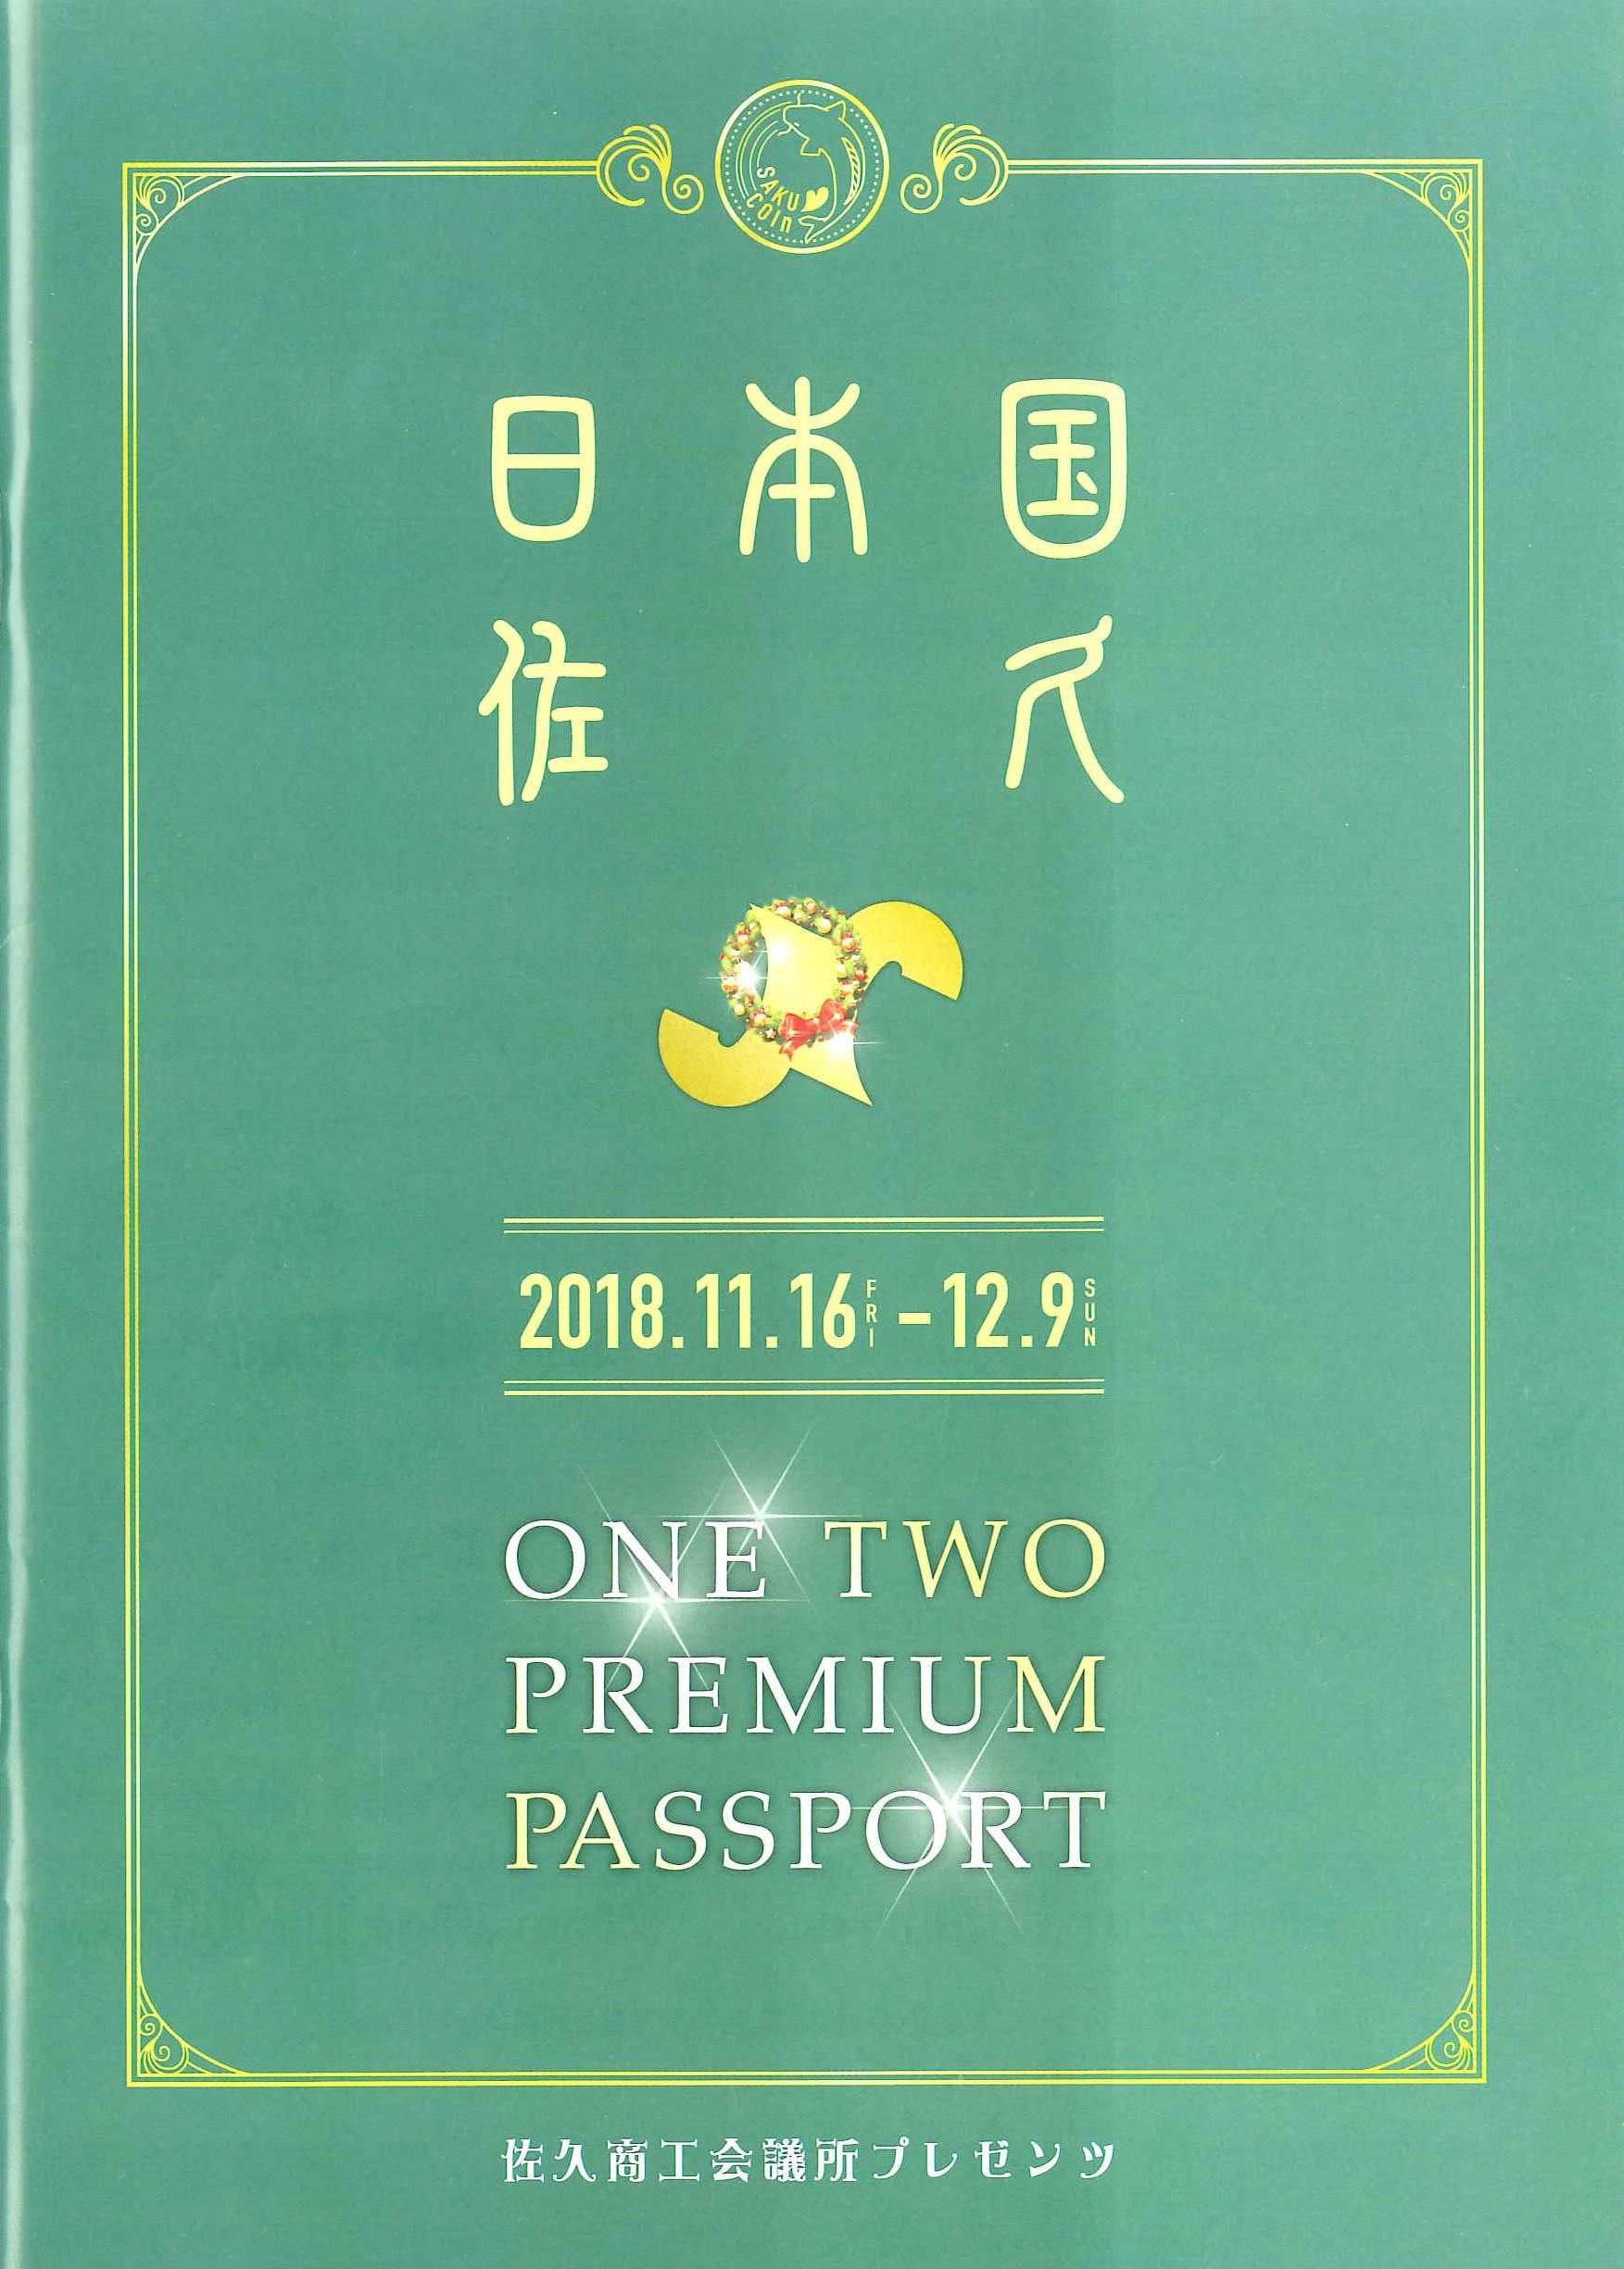 イメージ:ワンツーコインプレミアムパスポート実施中 11/16(金)~12/9(日)